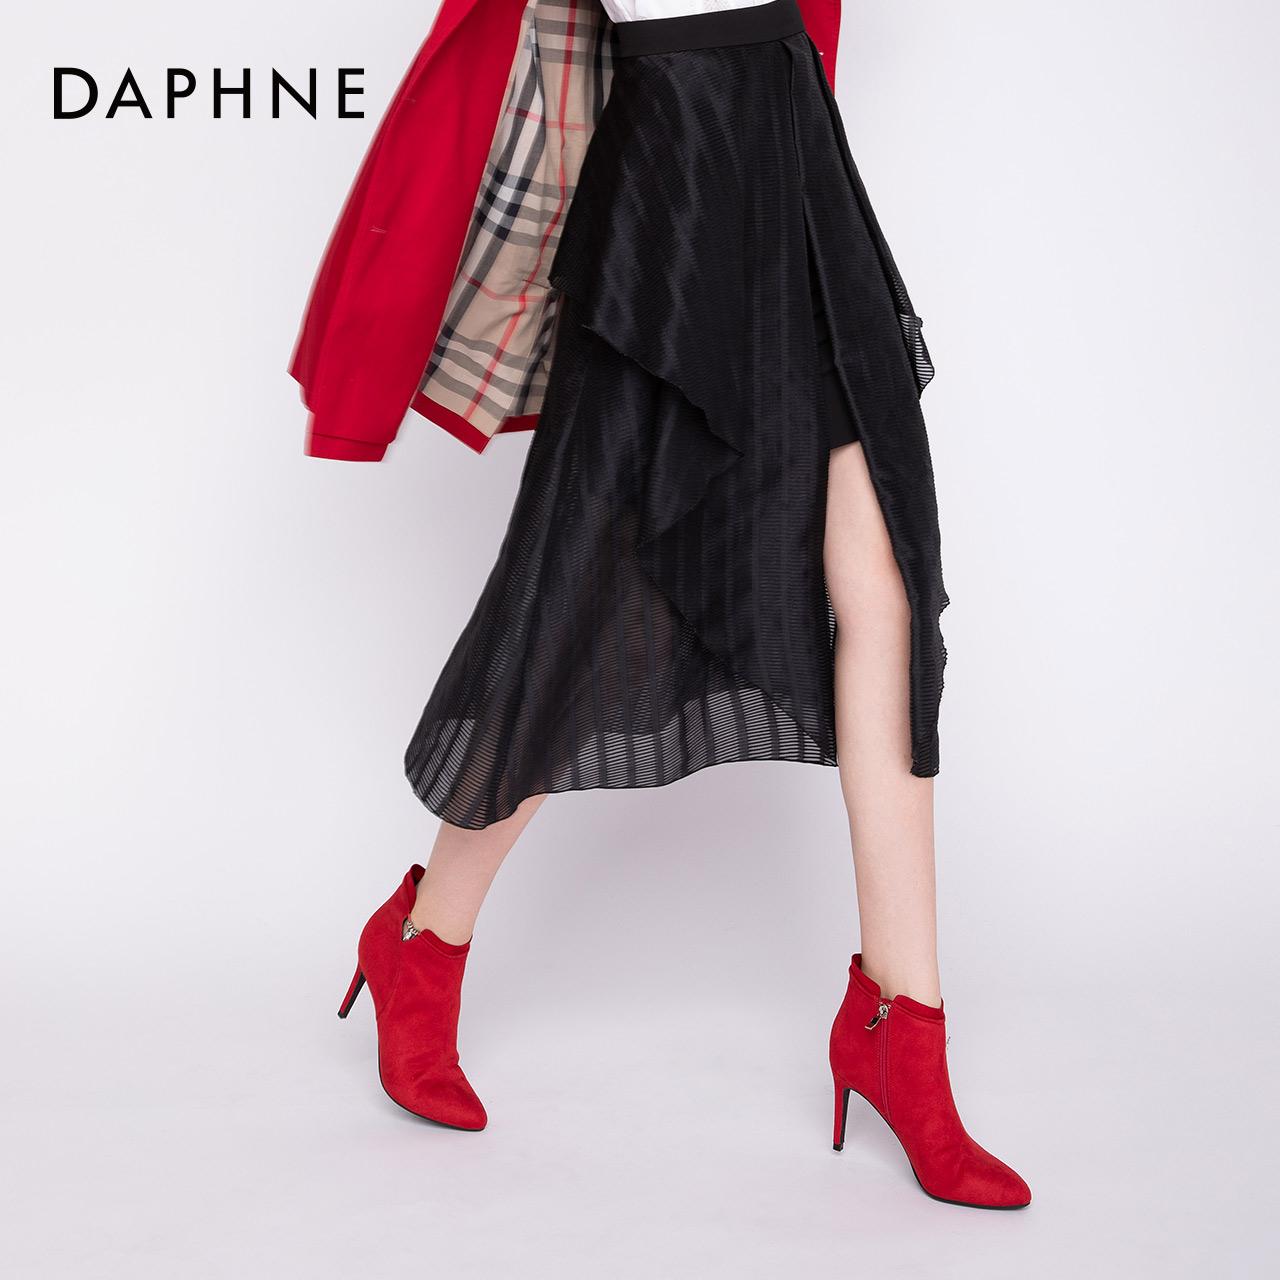 冬新款轻奢钻流苏尖头高跟绒面短靴女 2018 达芙妮 Daphne